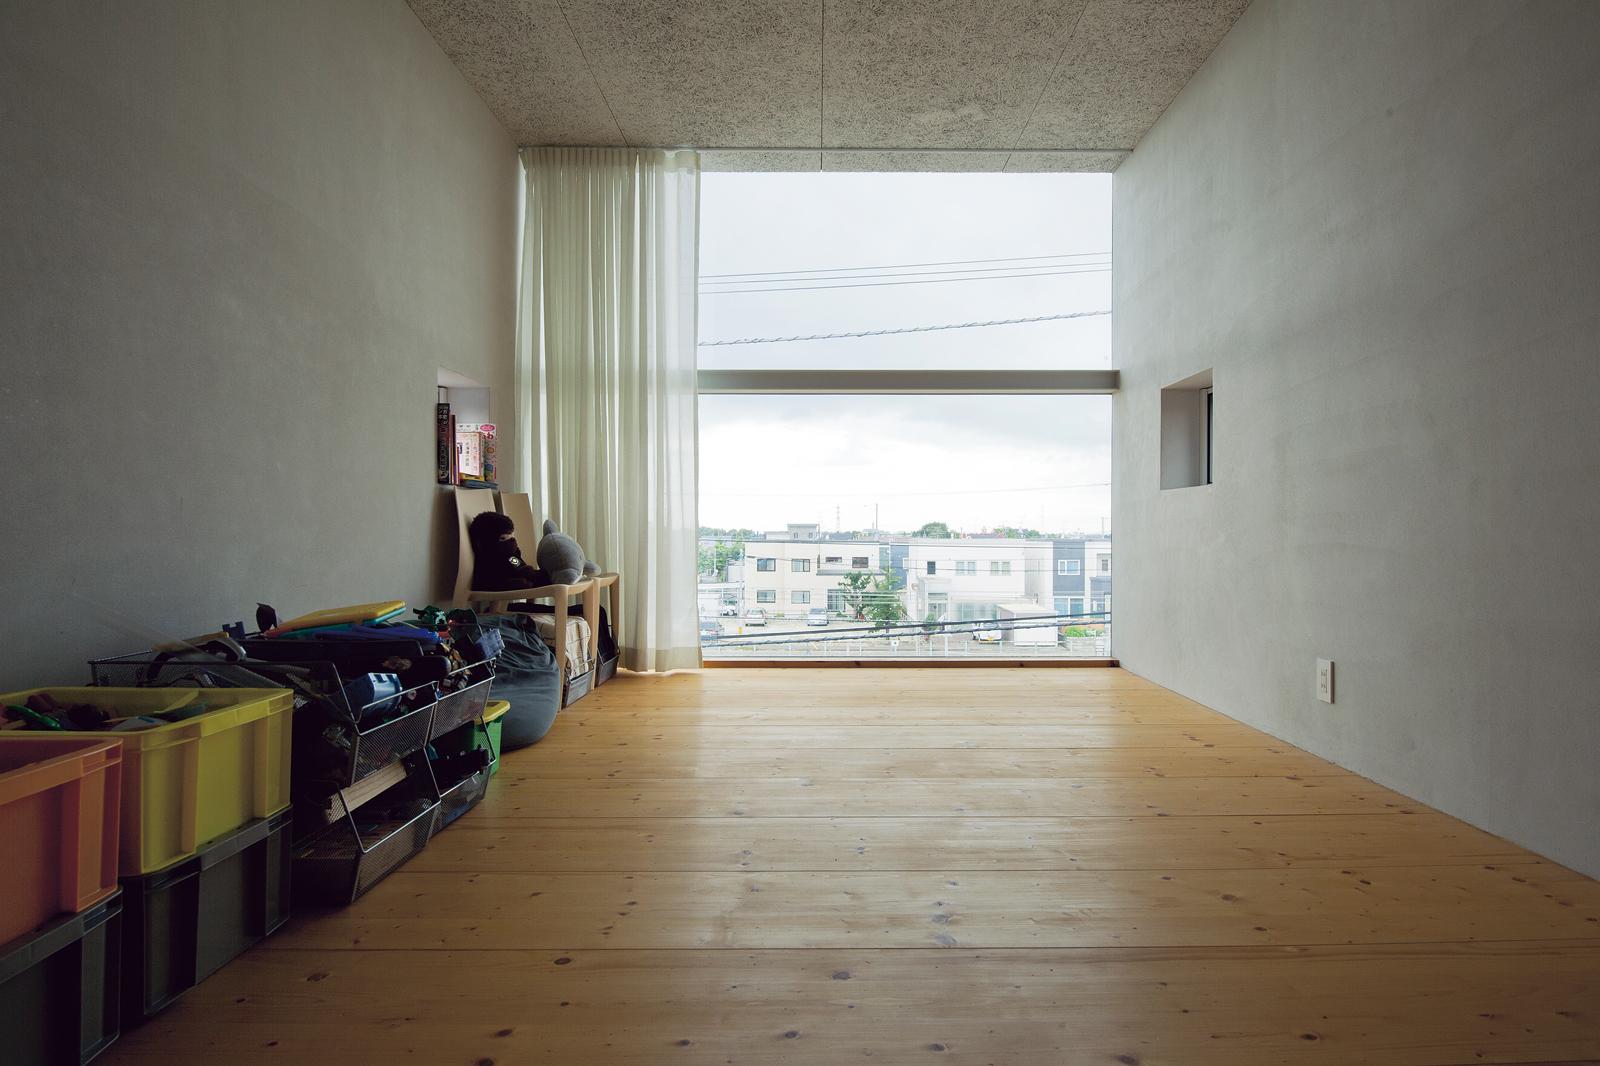 3階にある子ども部屋は床をフローリングに。北側の安定した採光と遠くまで見渡せる抜群の開放感、そして眼下には線路が